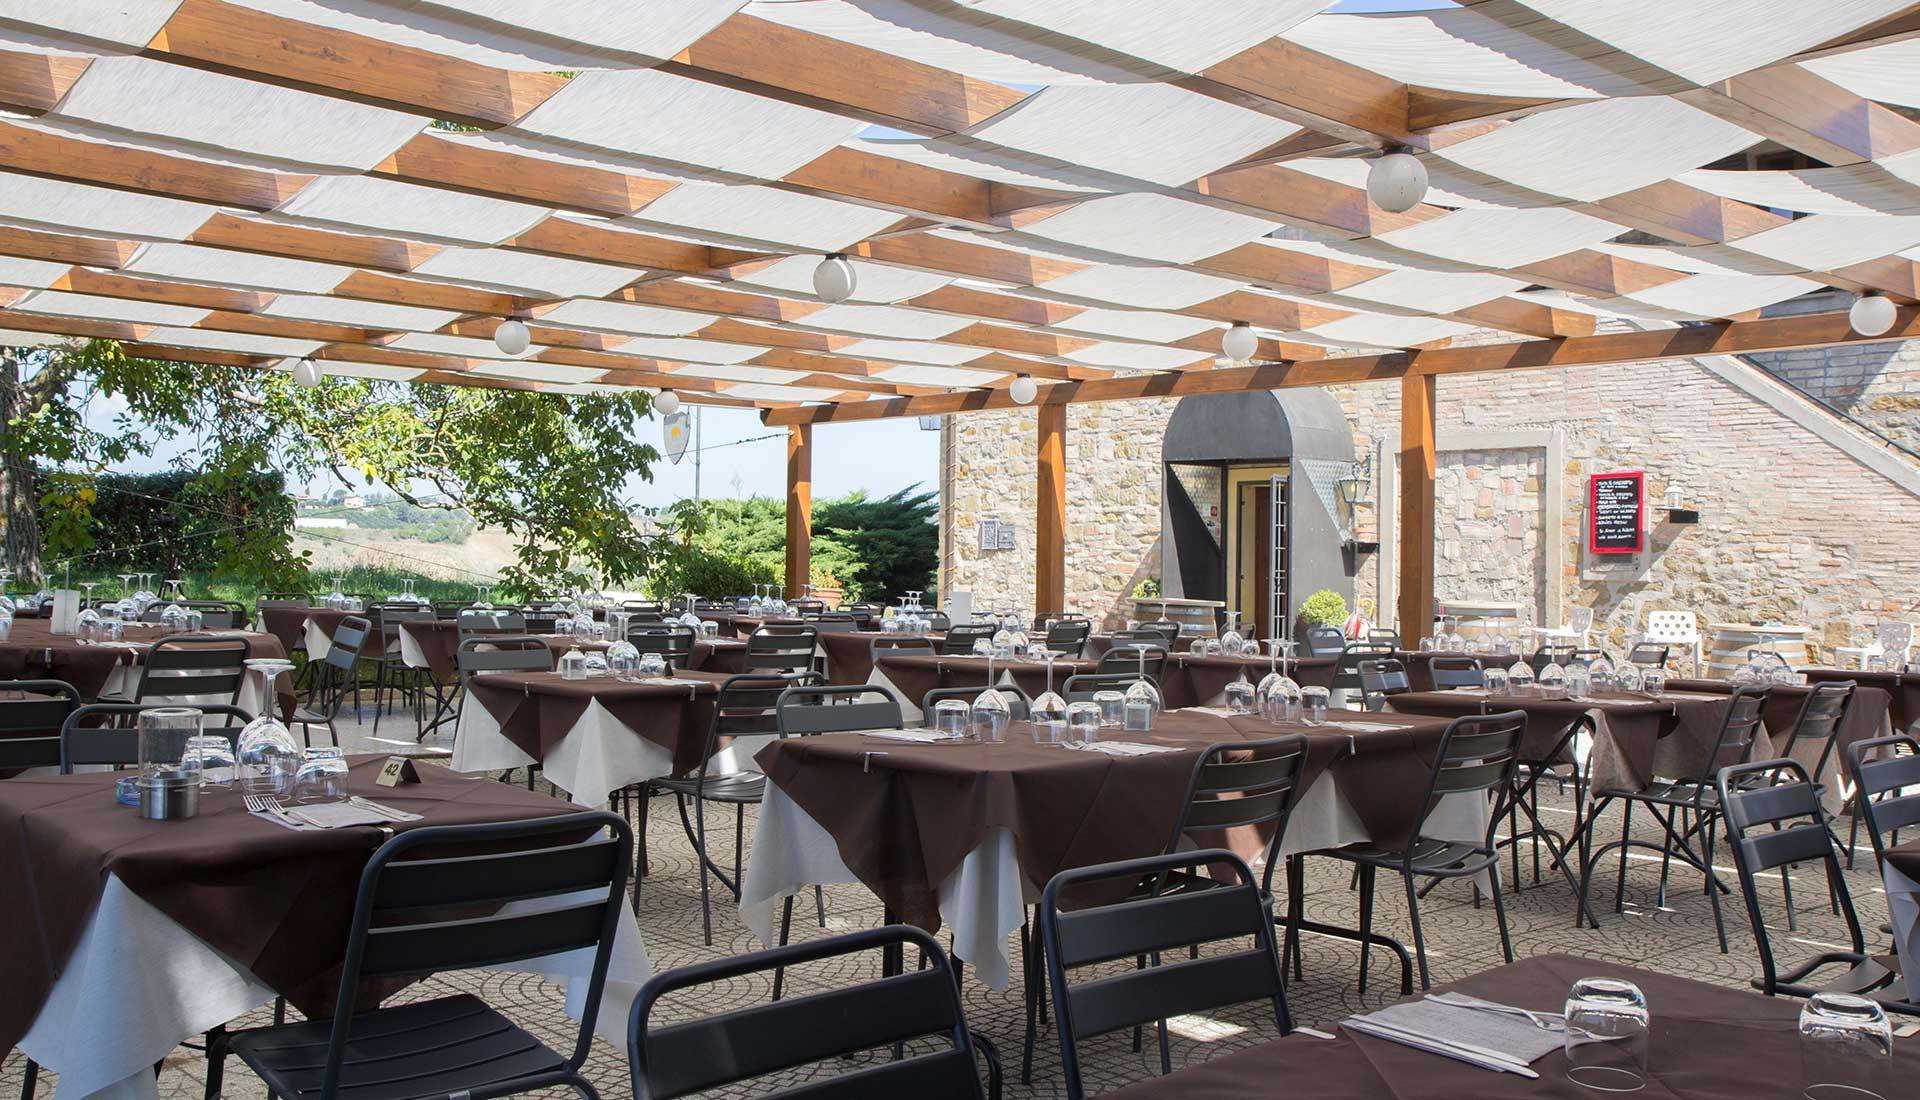 ristorante-perugia-gazebo-esterno-2_-171